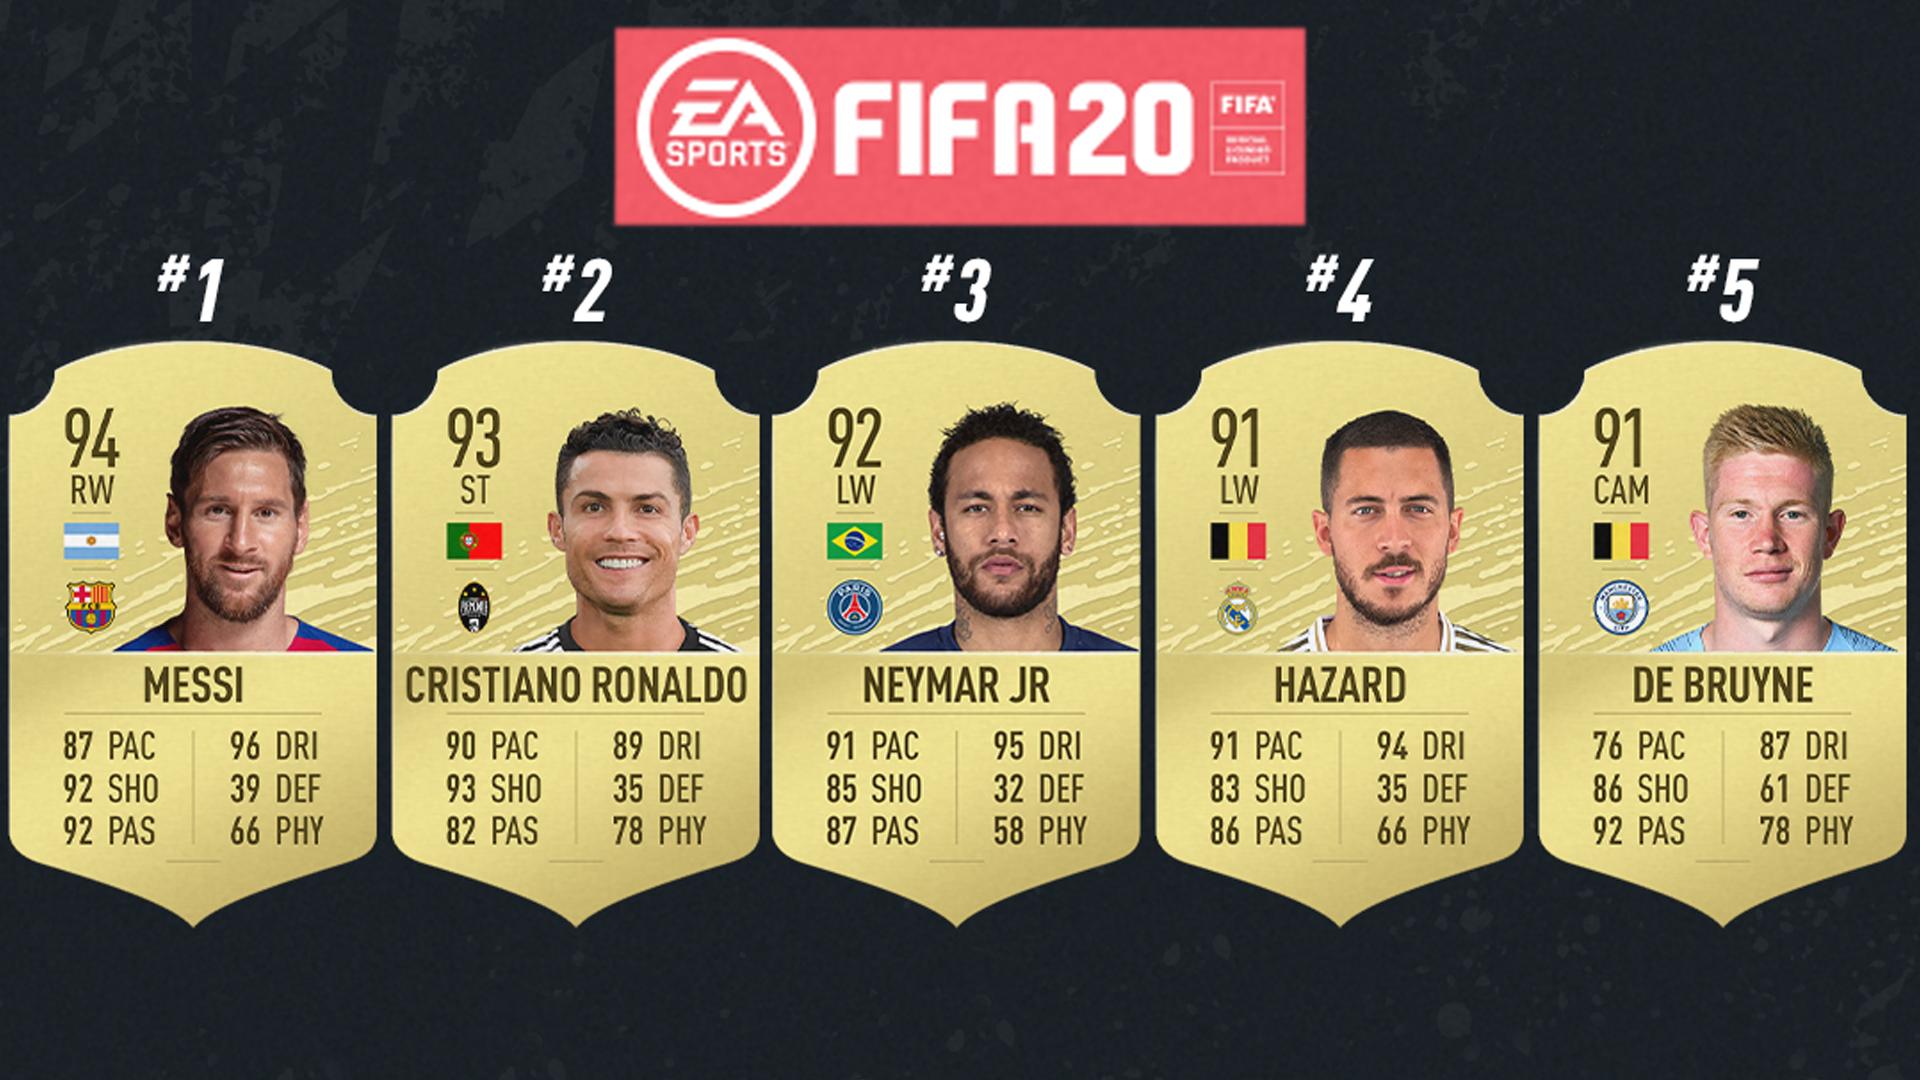 FIFA 20 : Les notes des joueurs de Ligue 1 ont fuité